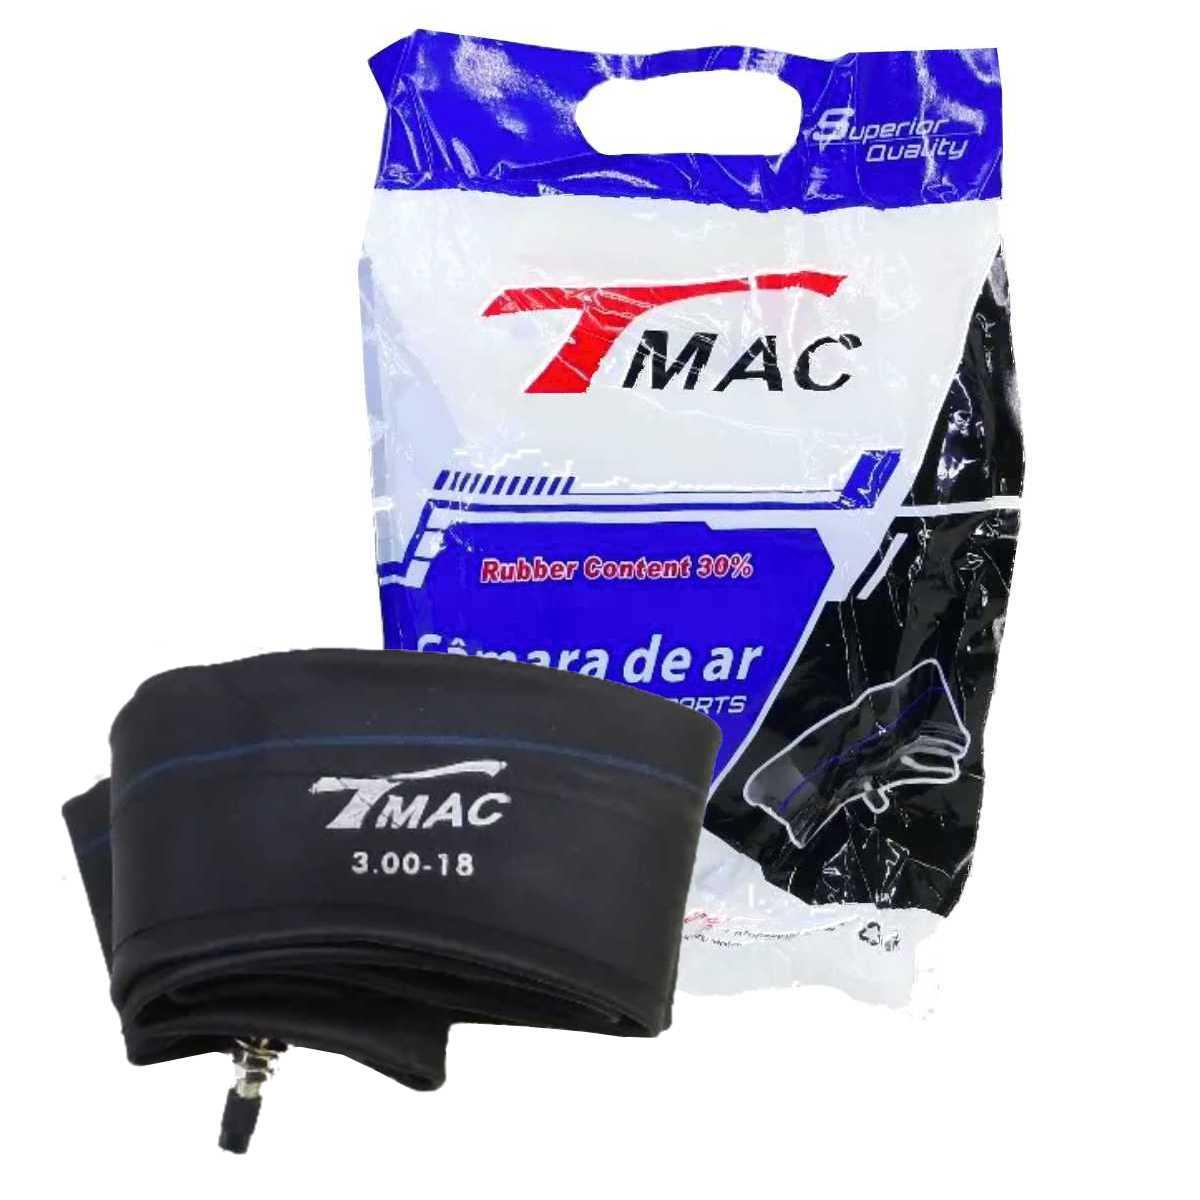 CÂMARA DE AR TMAC PNEU TRASEIRO ARO 14 MOTO BIZ 125 110 C100 DREAM POP 100 2.1/4-14 / 80/100-14